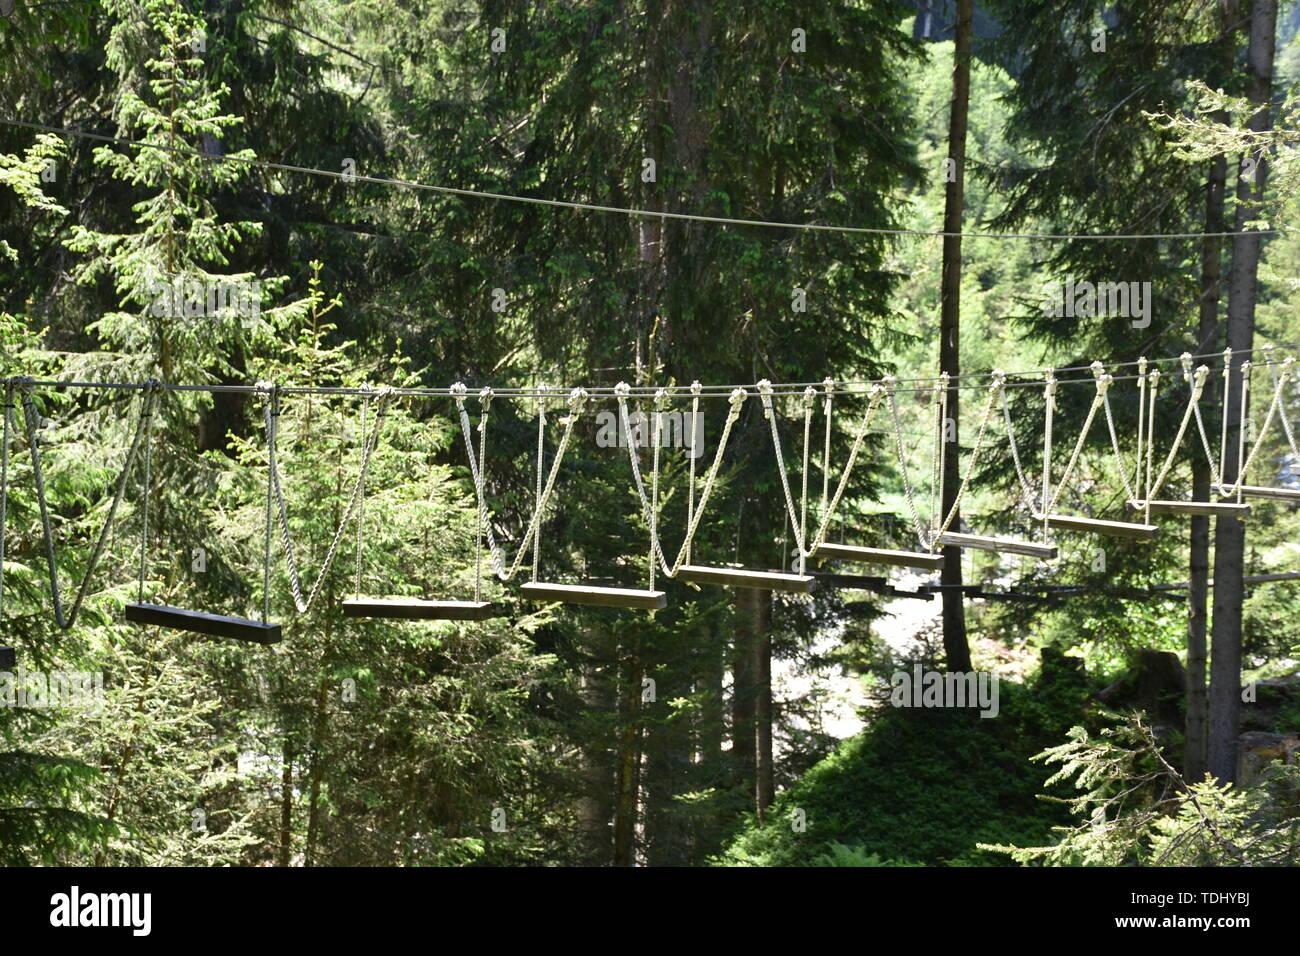 Saalbach-Hinterglemm, Wald, Kletterpark, Seil, Steg, Sport, sportlich, Salzburg, Baum, Wald, Baumstamm, Plattform, Sicherung, Seile, klettern, Brett, - Stock Image